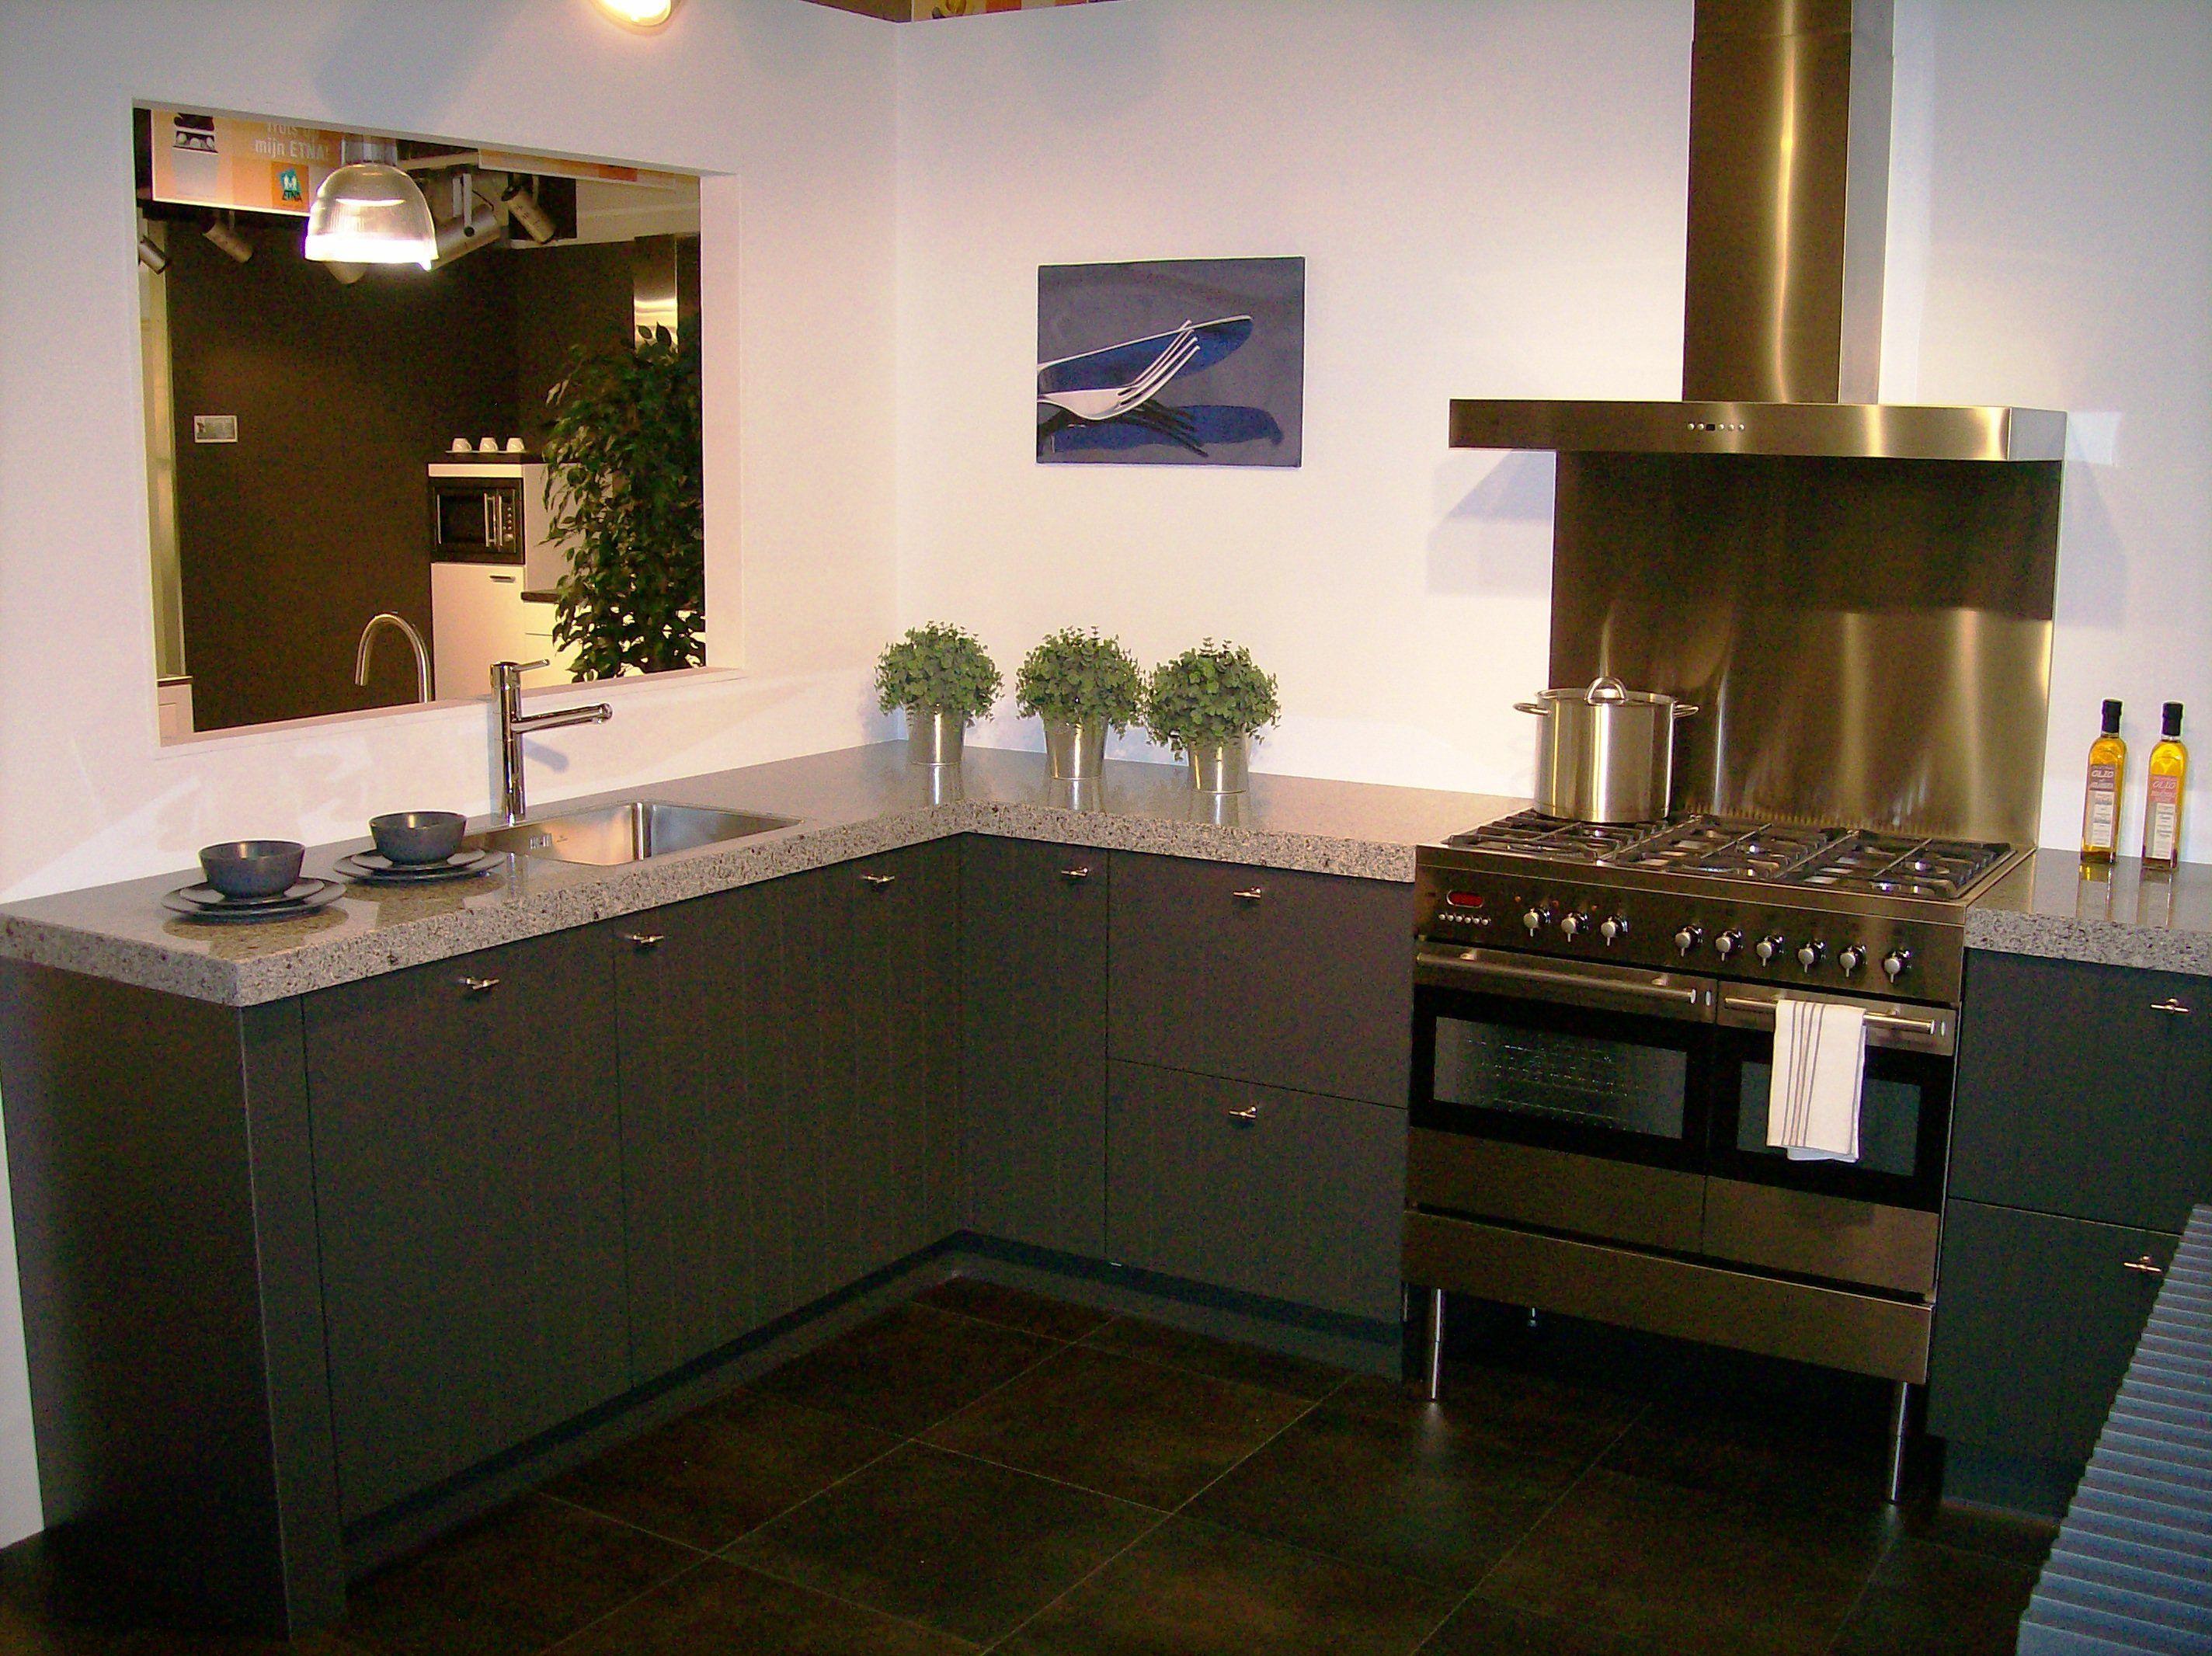 Raamdecoratie ikea romantische slaapkamer gordijnen ikea meubilair idee n en home montage - Idee deco keuken ...